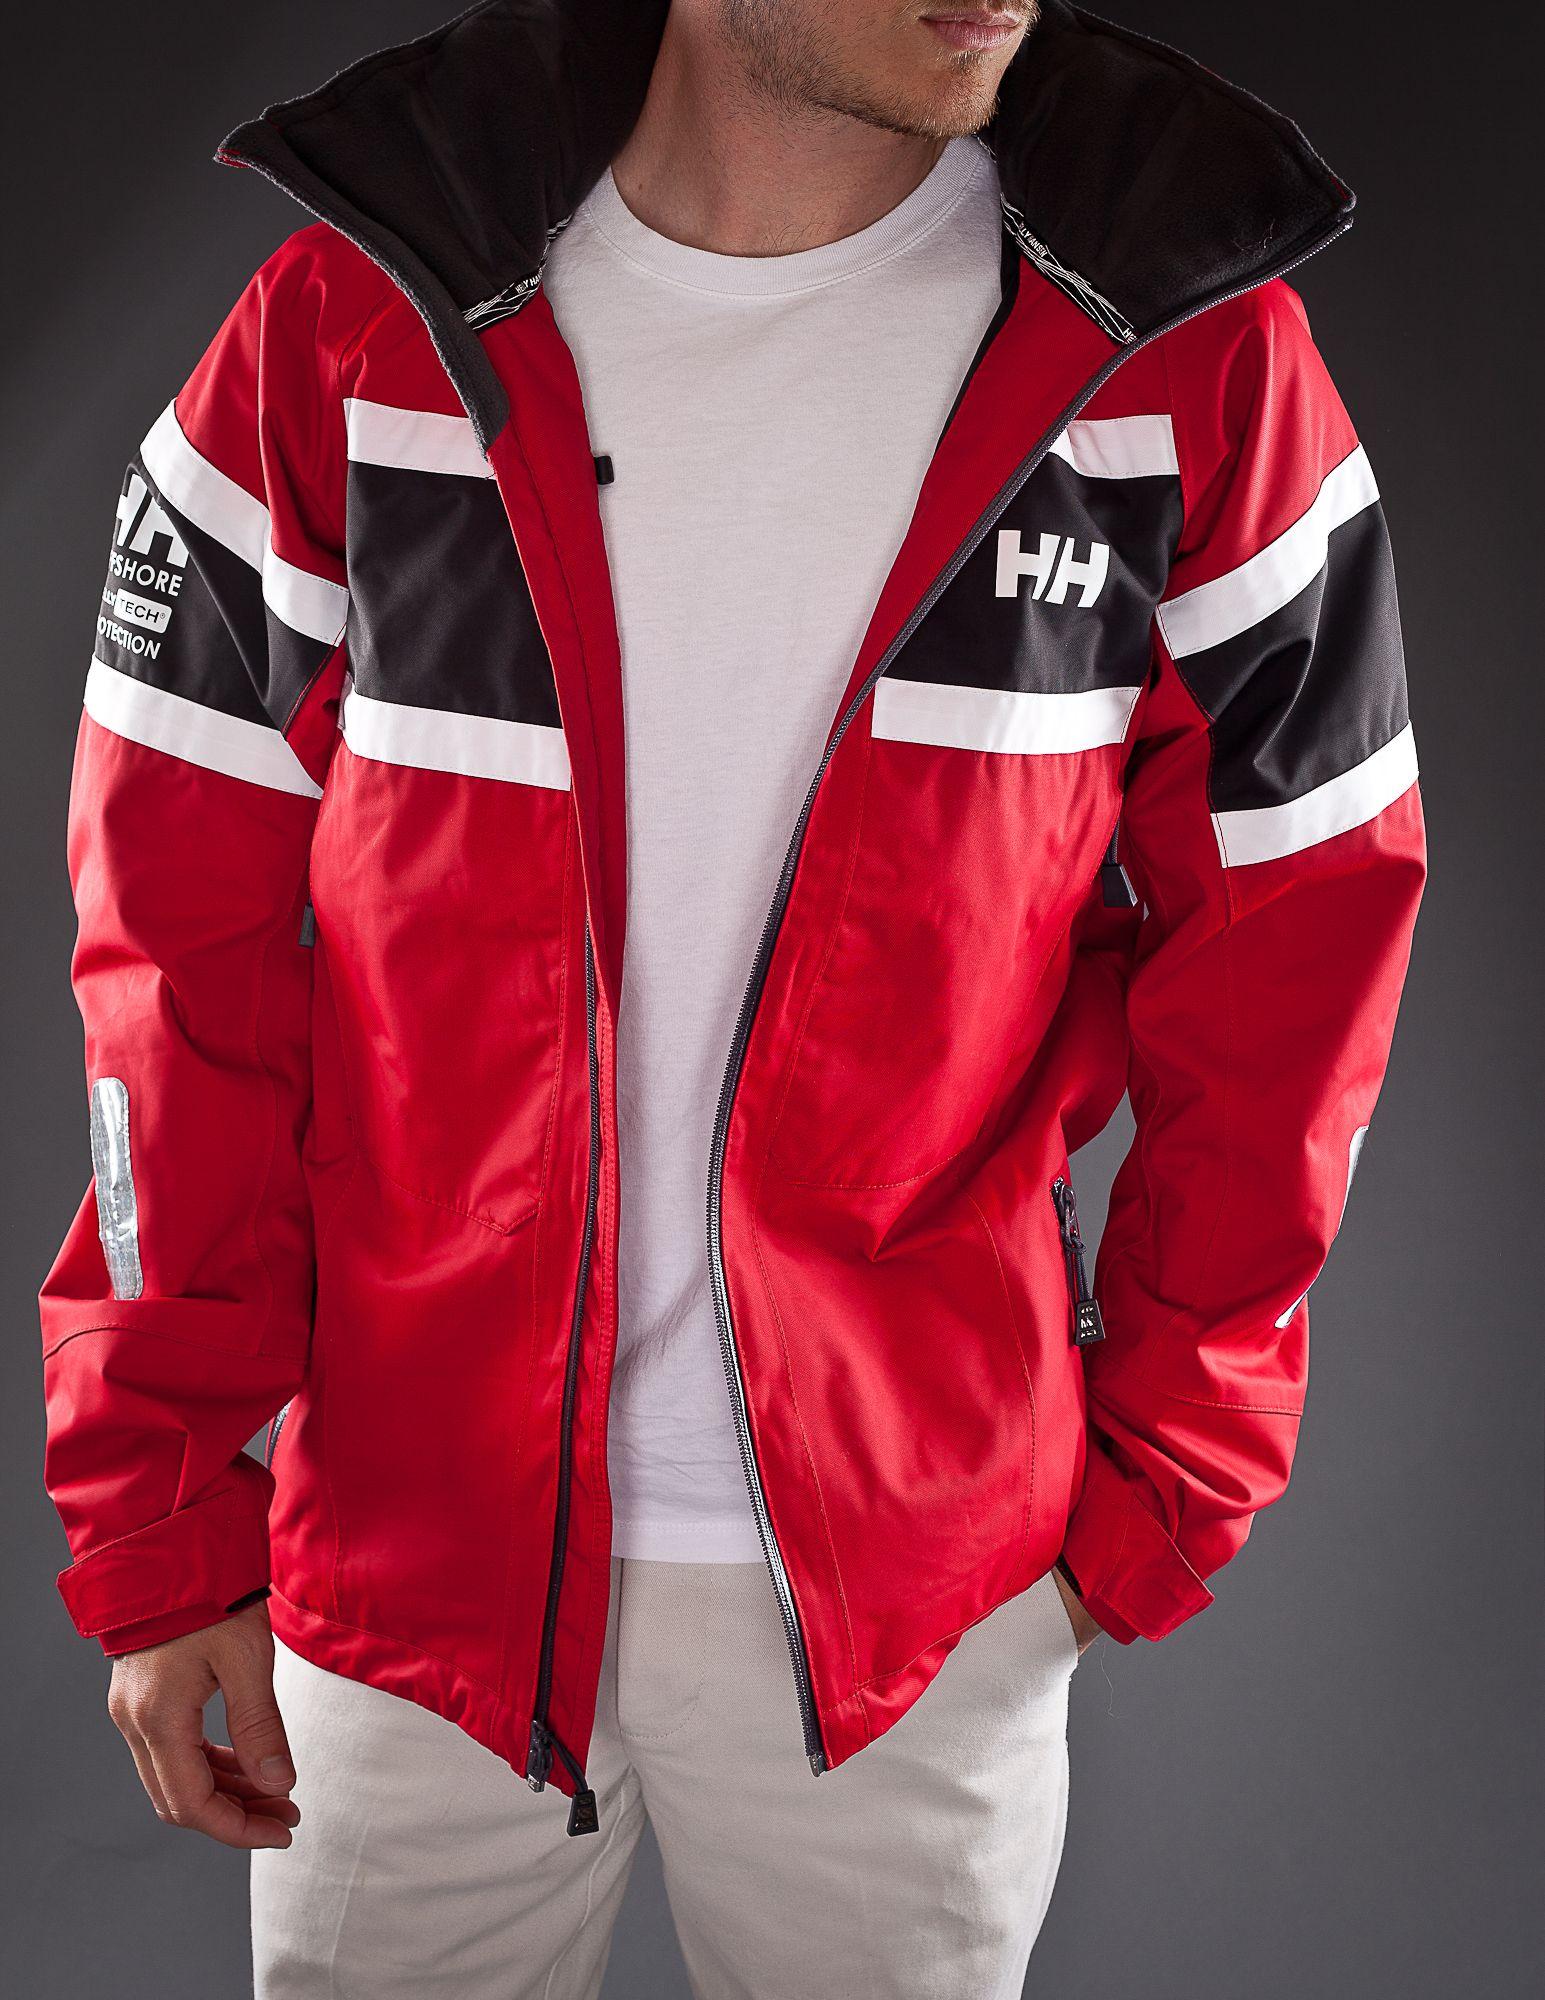 39d5006c16a Helly Hansen Salt Jacket Red front view unzipped | Dress code ...